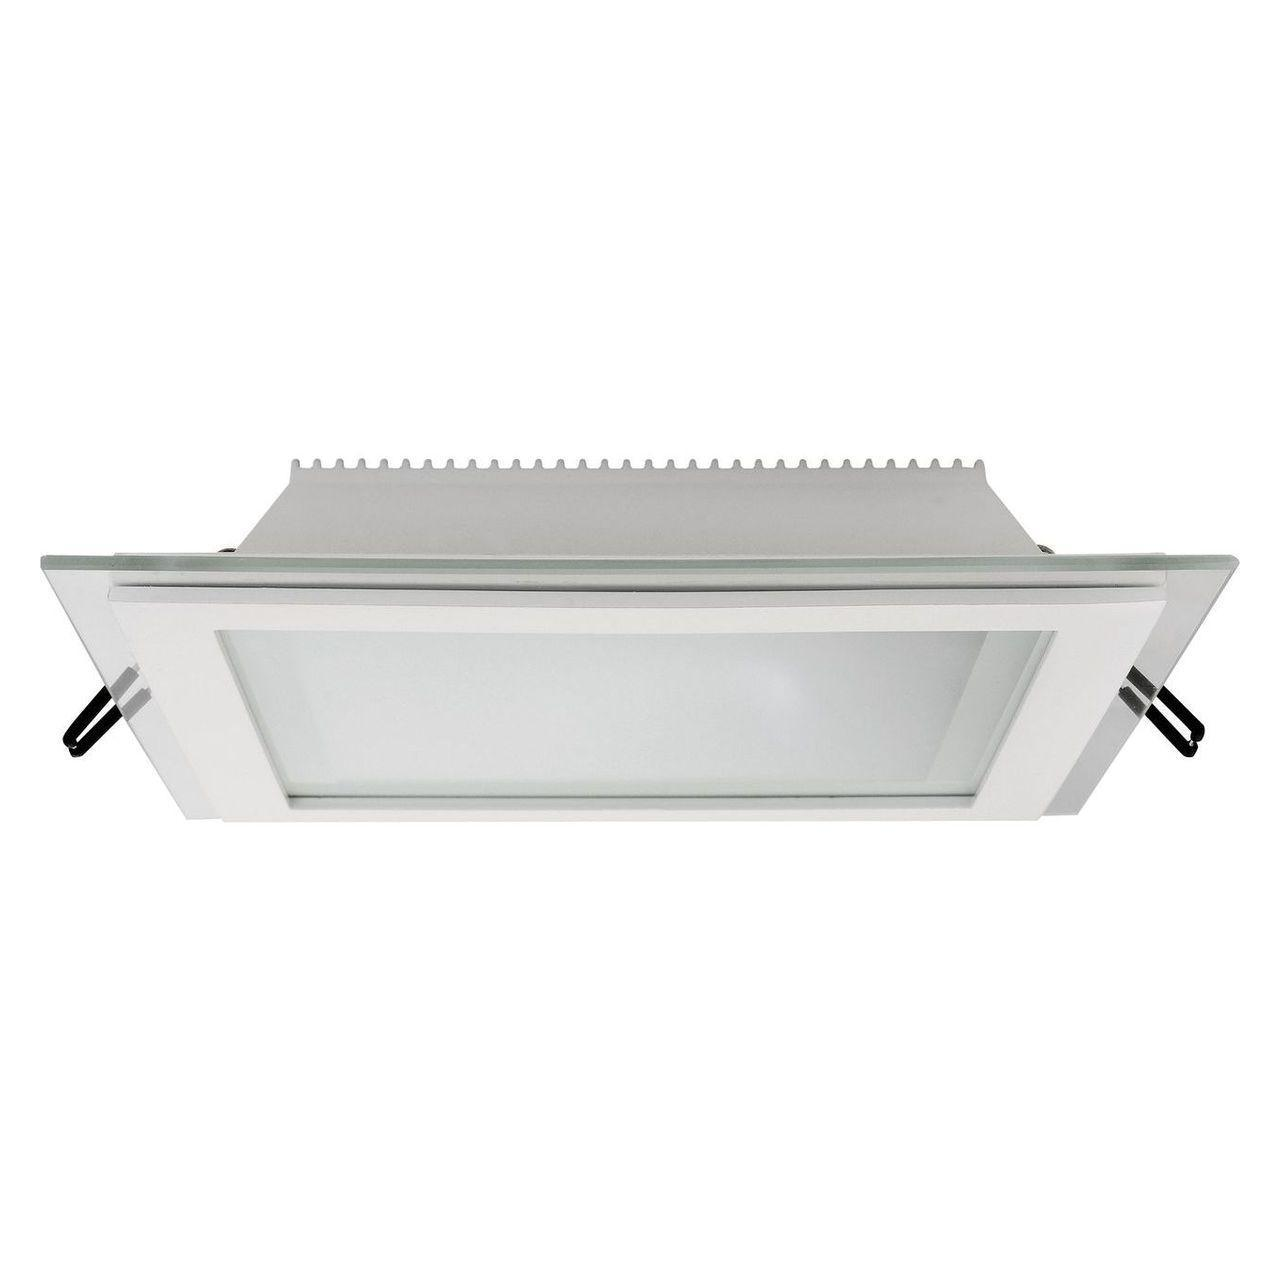 Встраиваемый светодиодный светильник Horoz 15W 6400K белый 016-015-0015 (HL686LG)